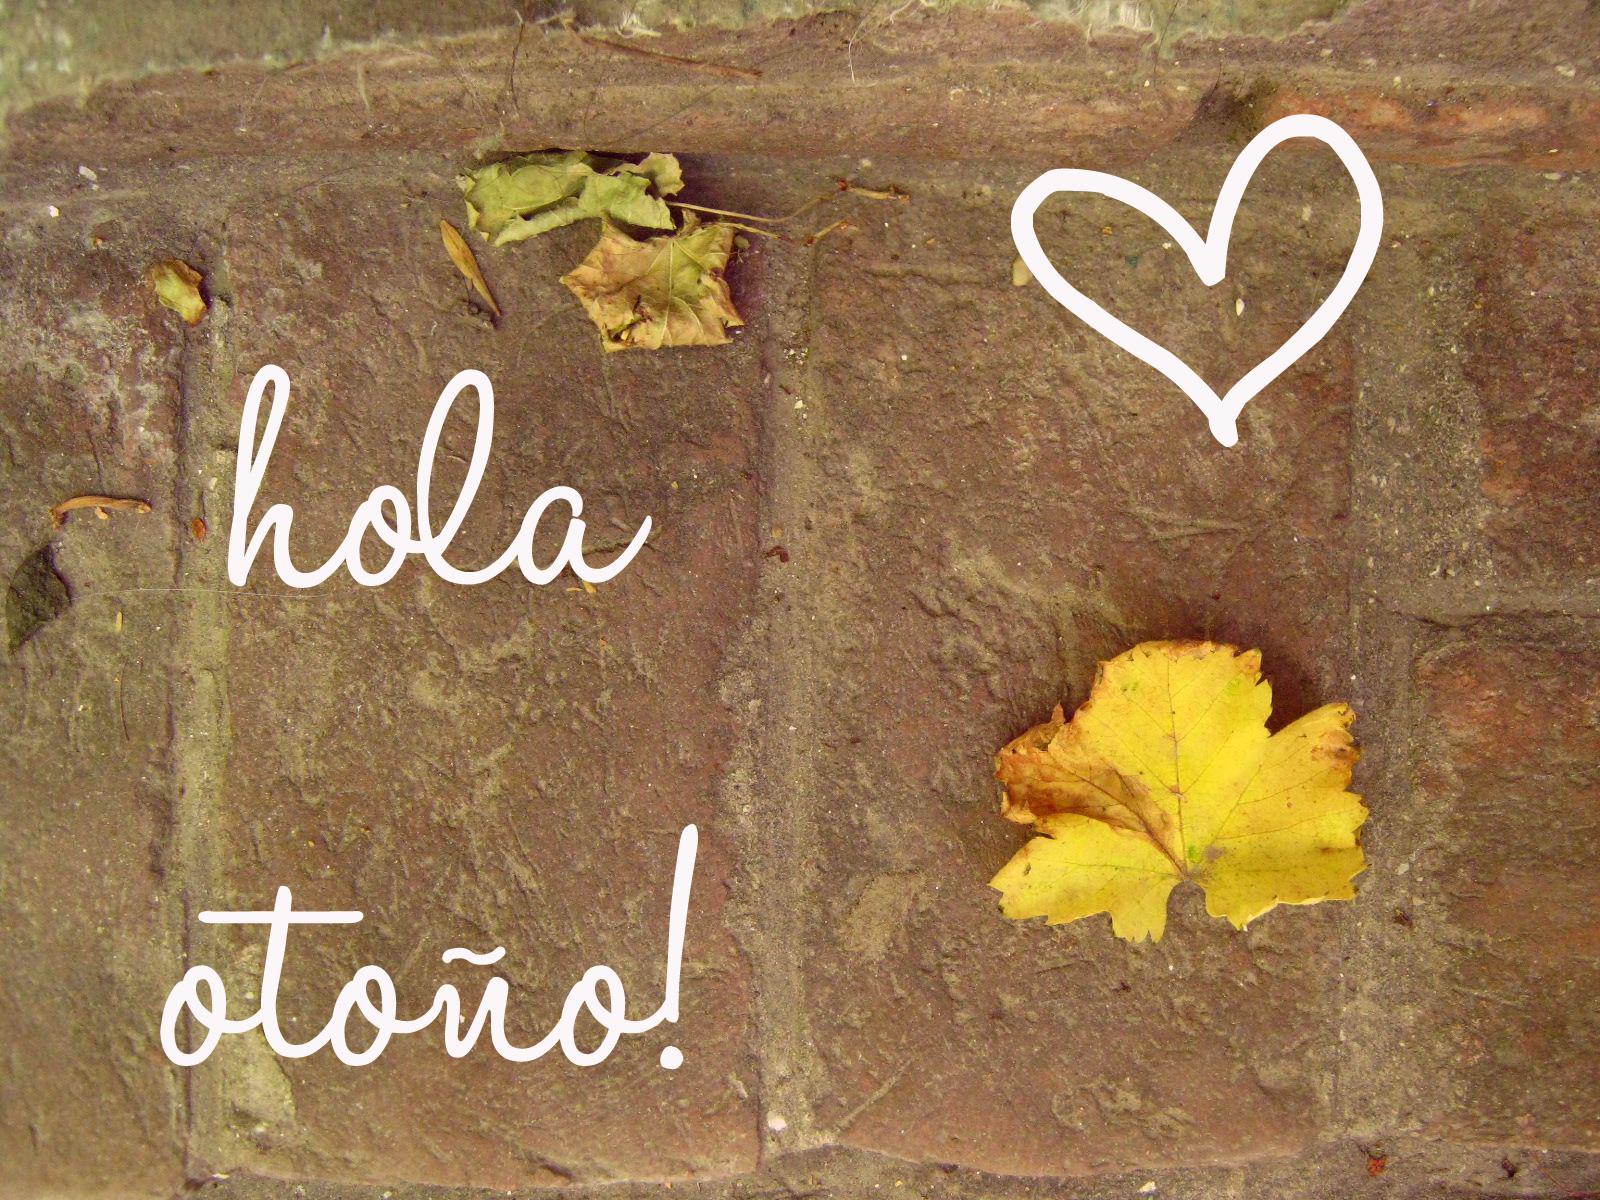 Empieza el otoño. - Página 2 Hola+oto%C3%B1o